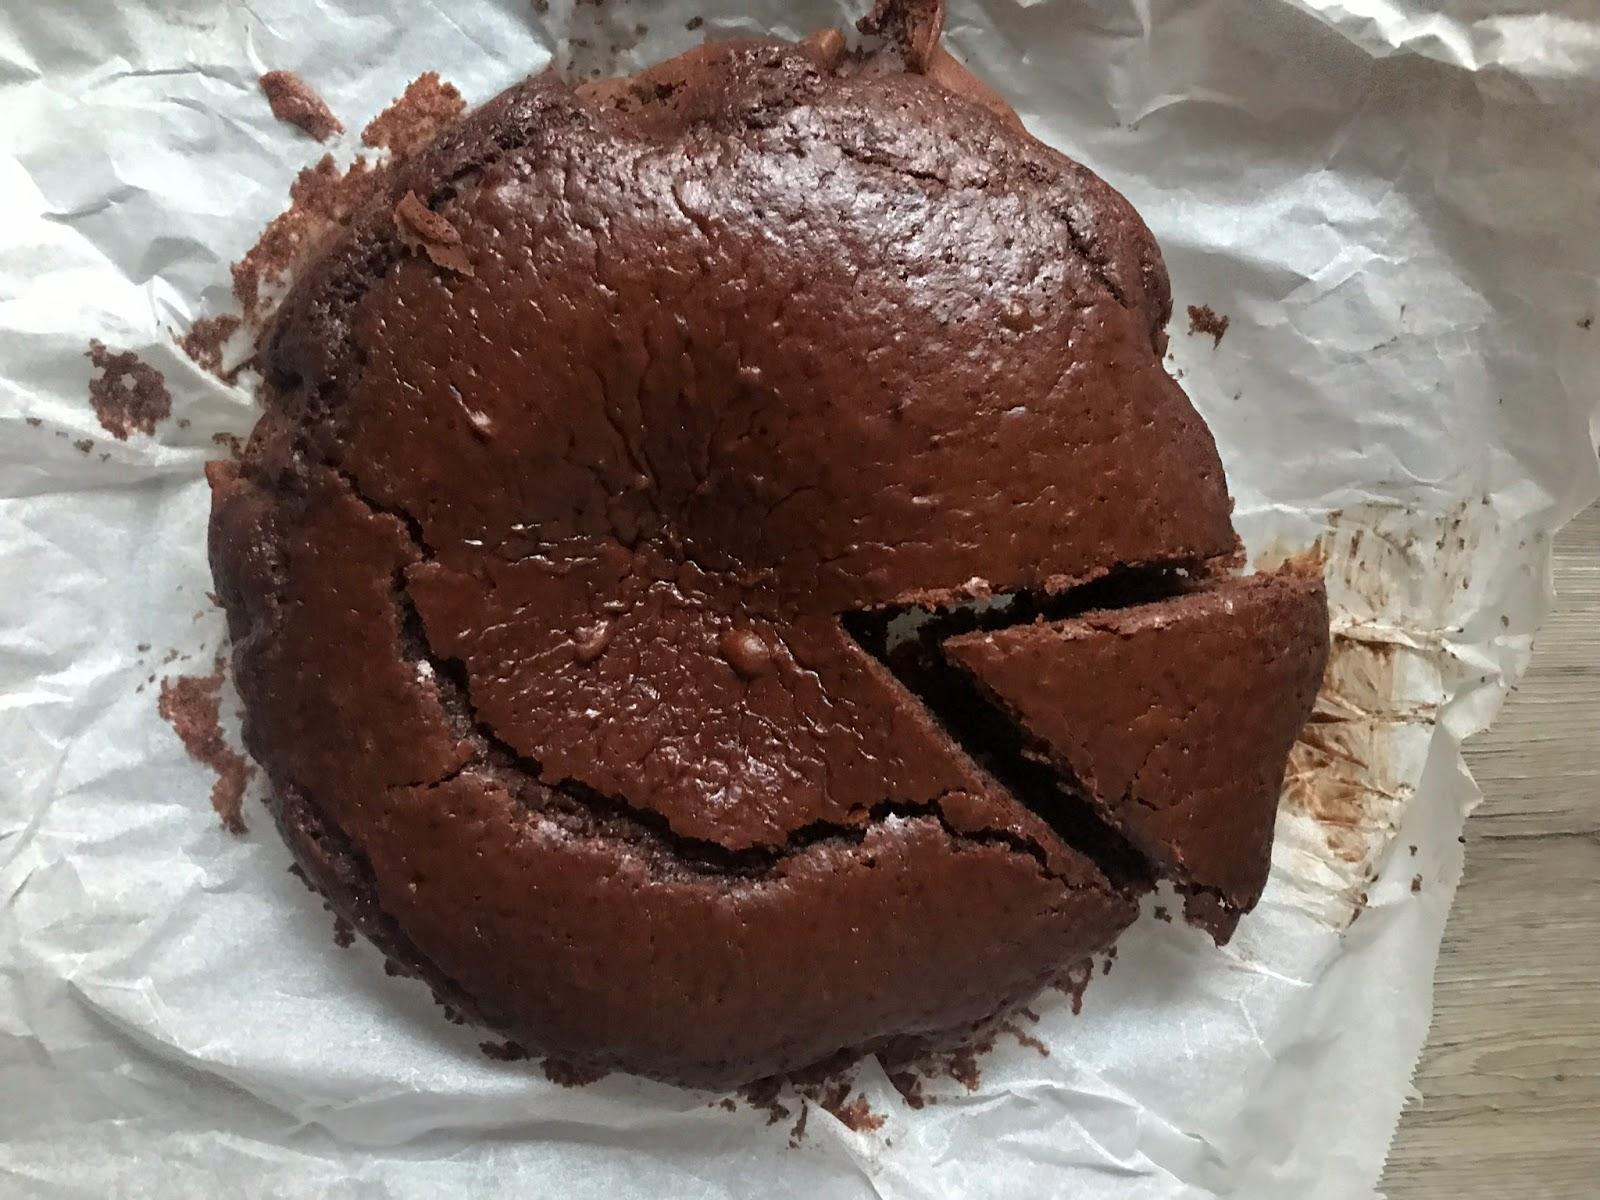 Ricetta Torta Con 1 Uovo.1 Bp Blogspot Com Eje3sgjpeqs Wtgmeb0rj5i Aaaaaaa